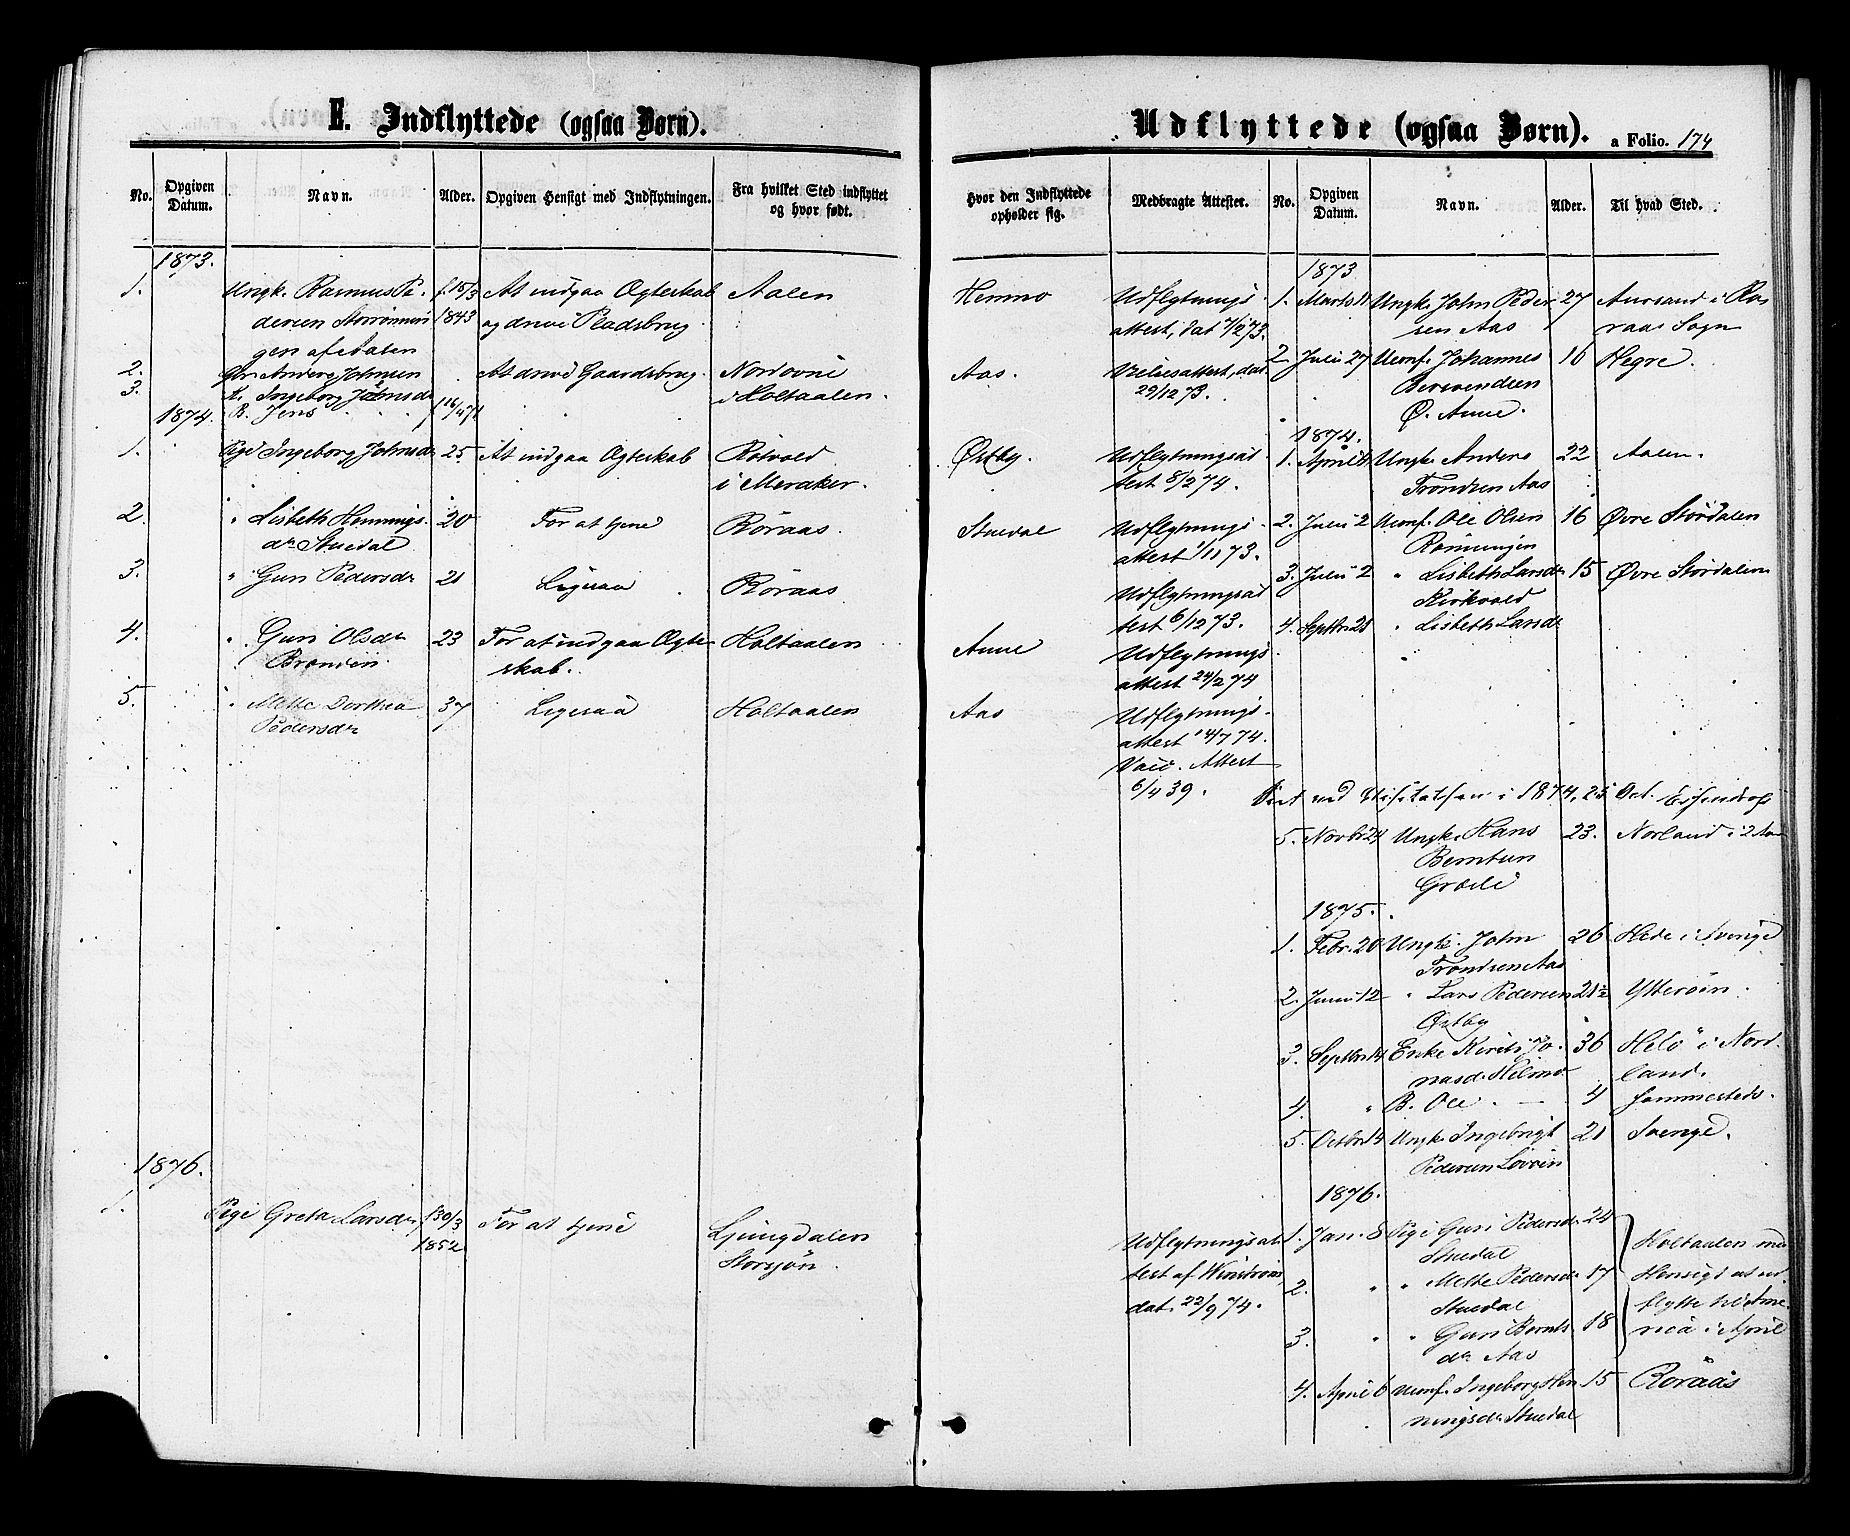 SAT, Ministerialprotokoller, klokkerbøker og fødselsregistre - Sør-Trøndelag, 698/L1163: Ministerialbok nr. 698A01, 1862-1887, s. 174